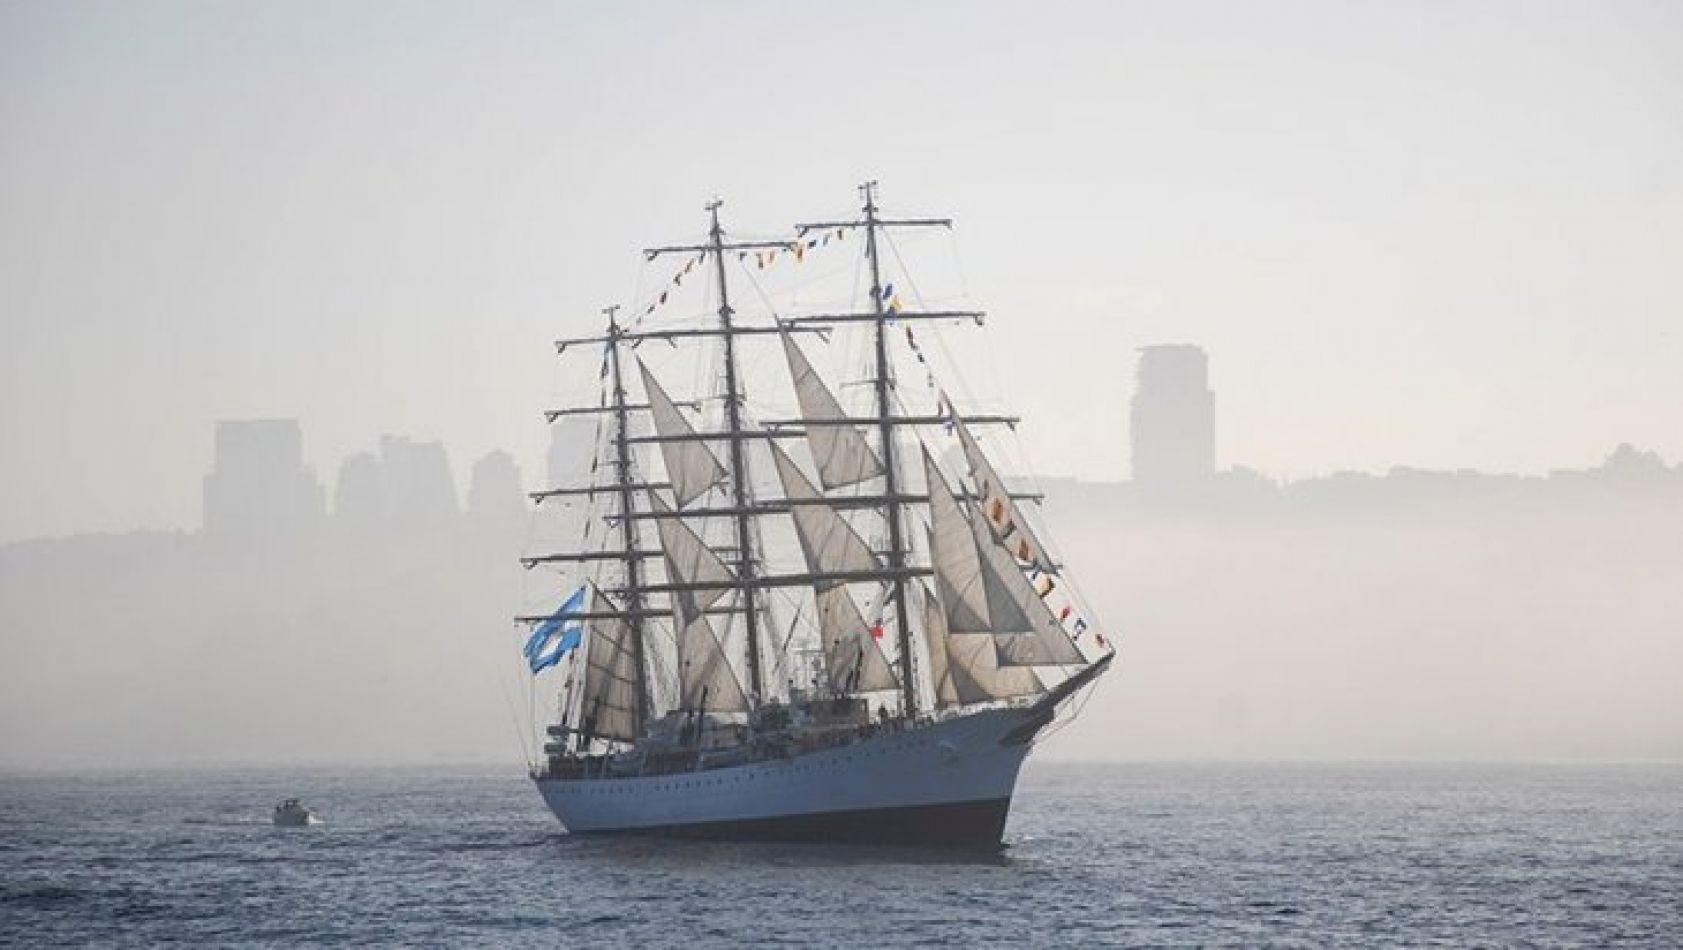 El buque escuela argentino arribará a Londres el viernes próximo y podrá ser visitado por el público.